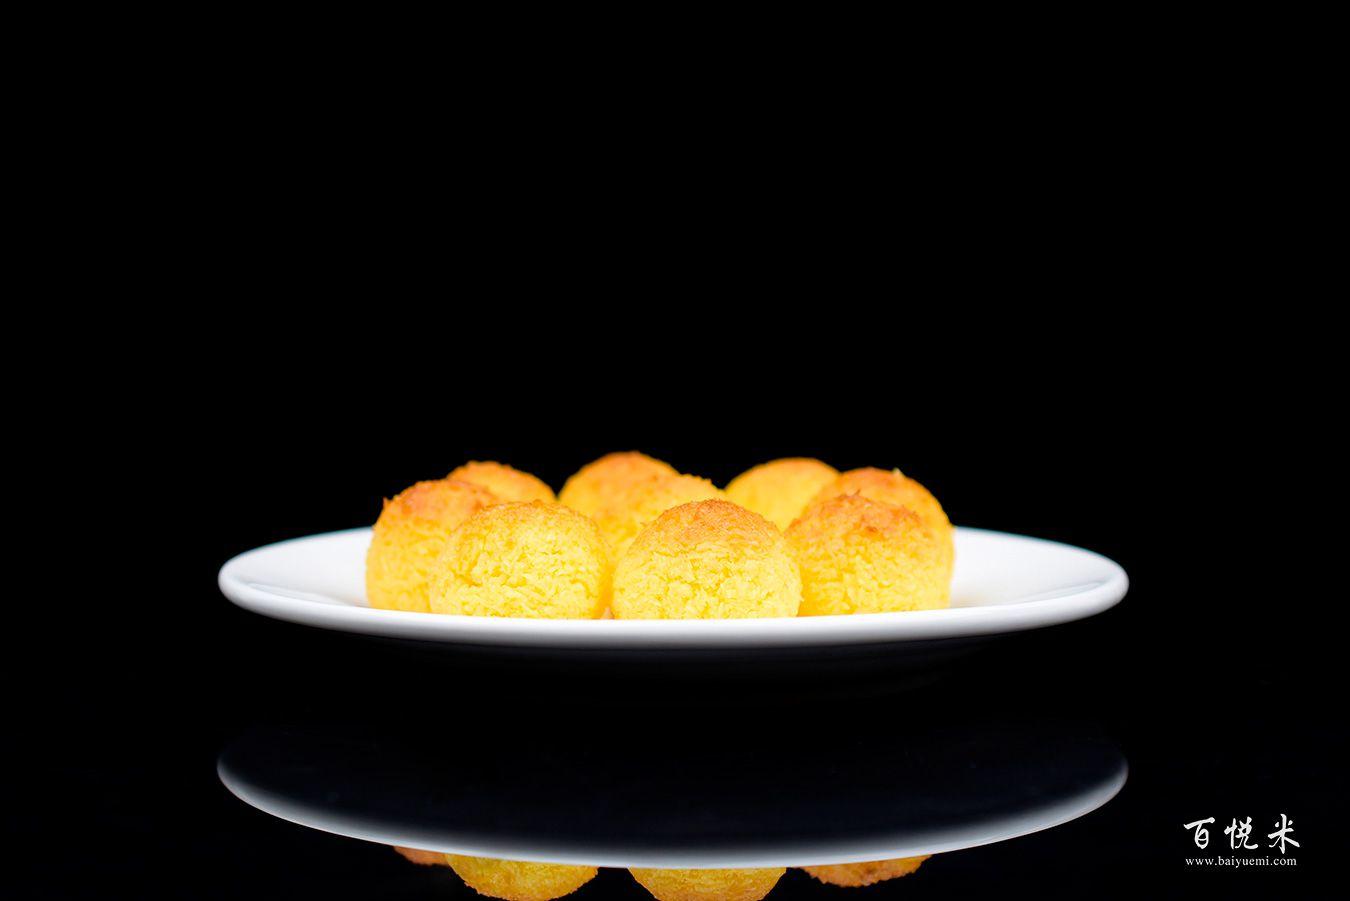 黄金椰蓉球高清图片大全【蛋糕图片】_593